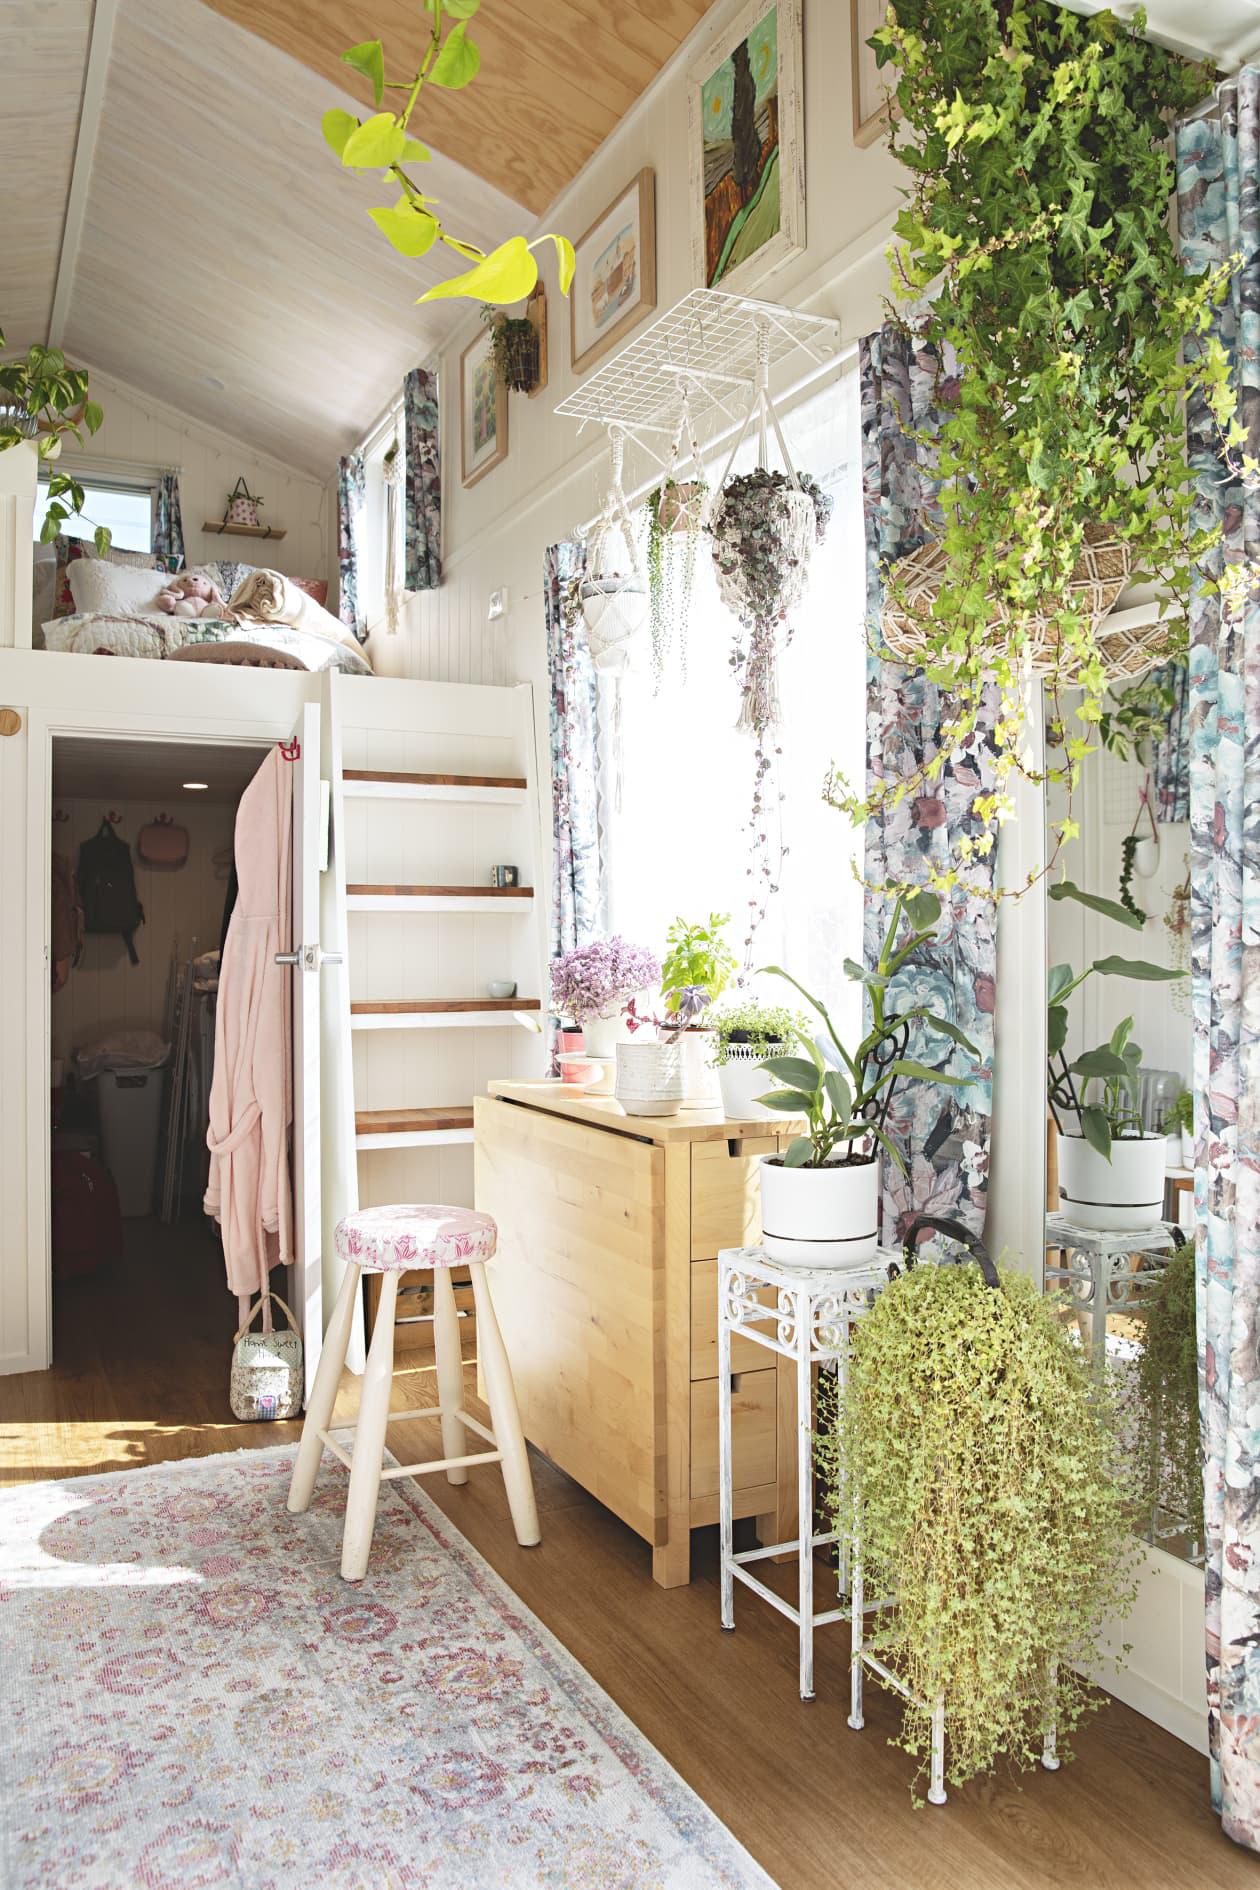 Ngôi nhà nhỏ được thiết kế theo phong cách Bohemian mang lại cảm giác rộng rãi nhờ ánh sáng và kệ lưu trữ thông minh - Ảnh 2.